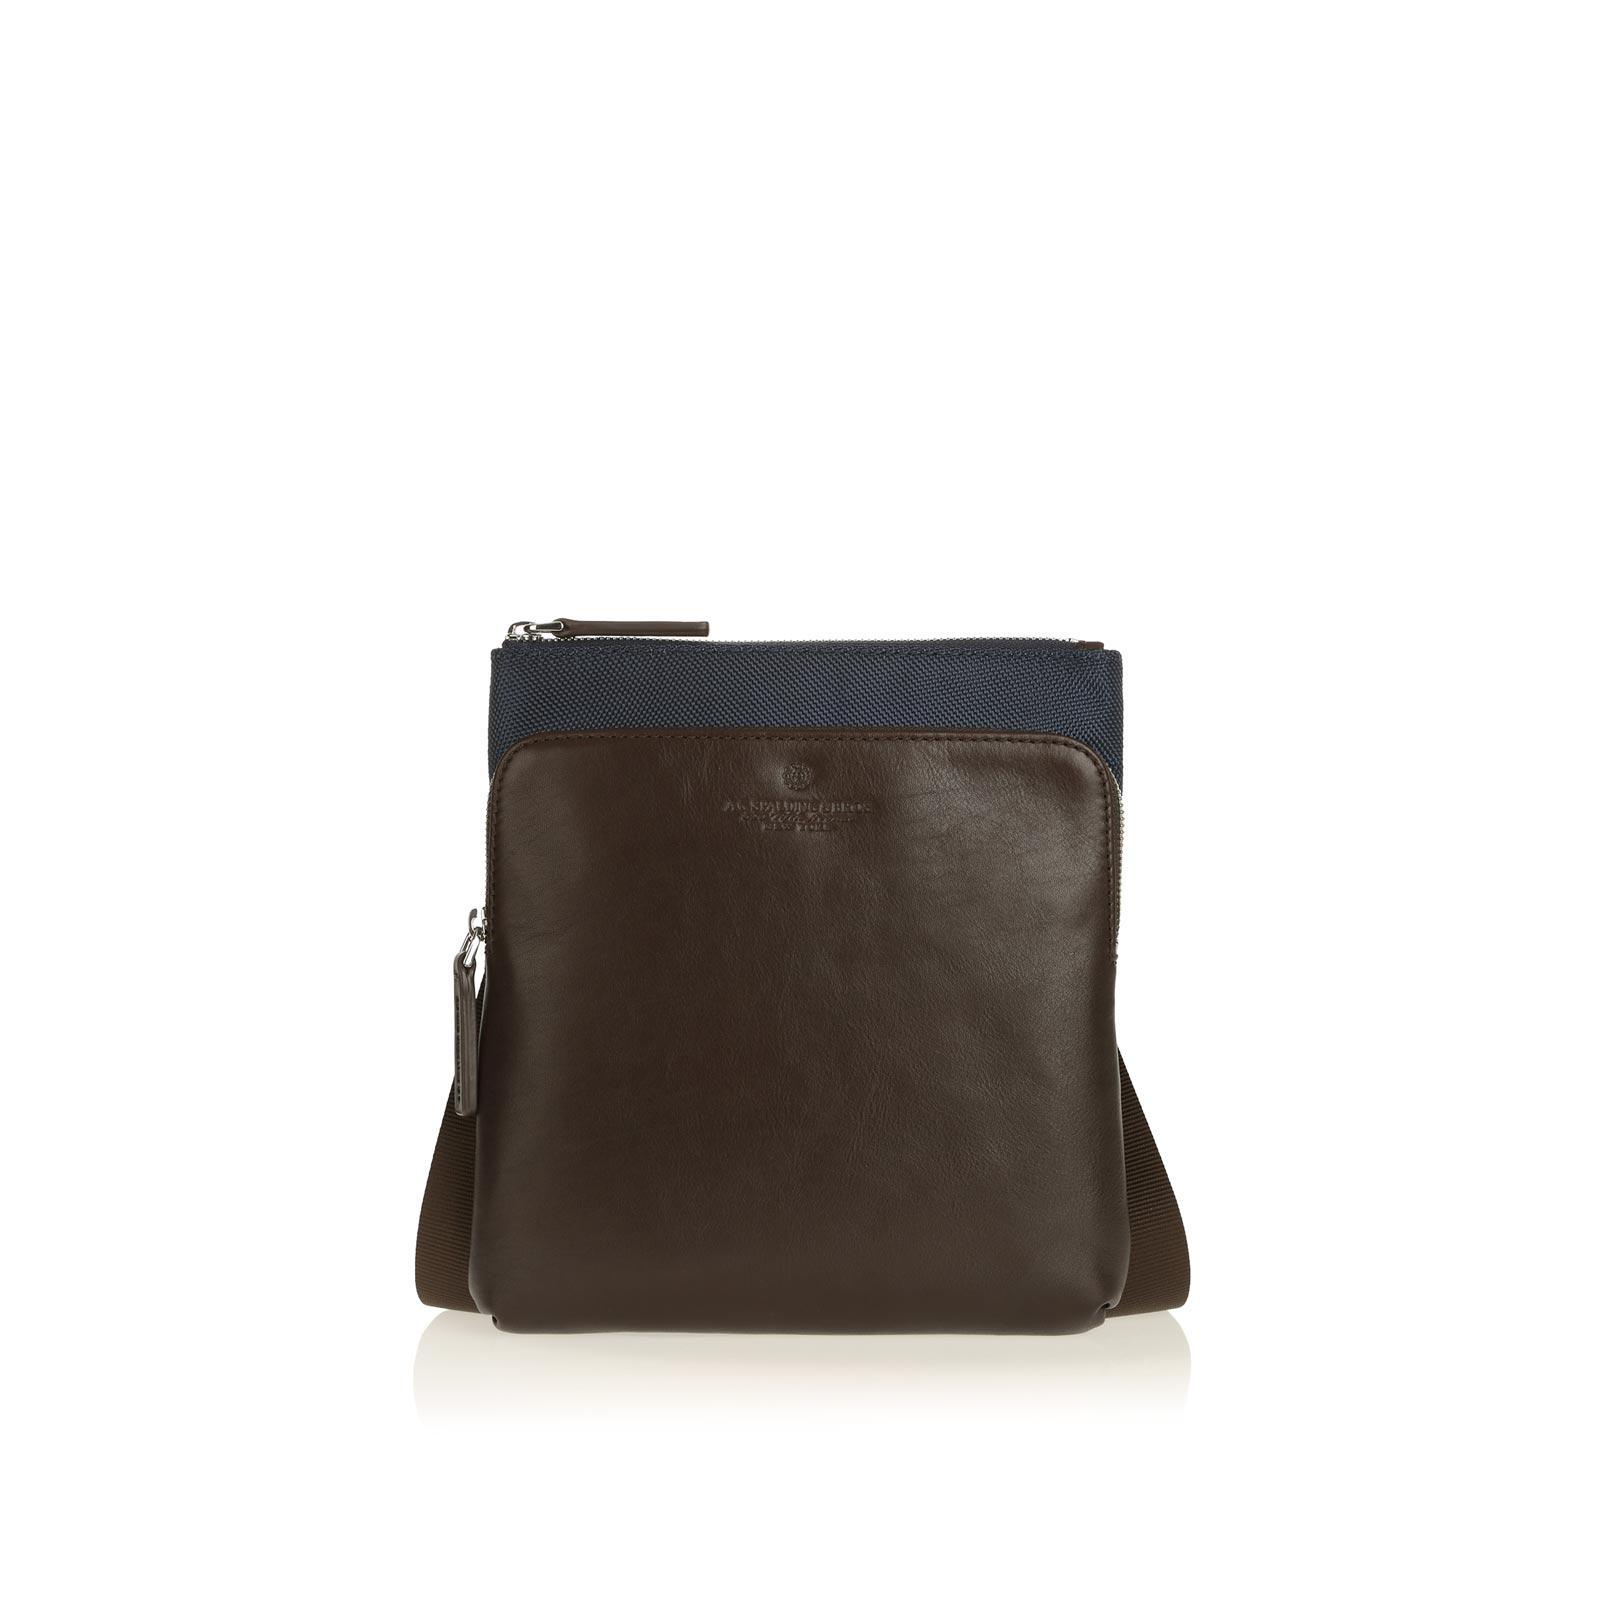 Busta Tracolla Body Bag Metropolitan Blu/Testa Moro